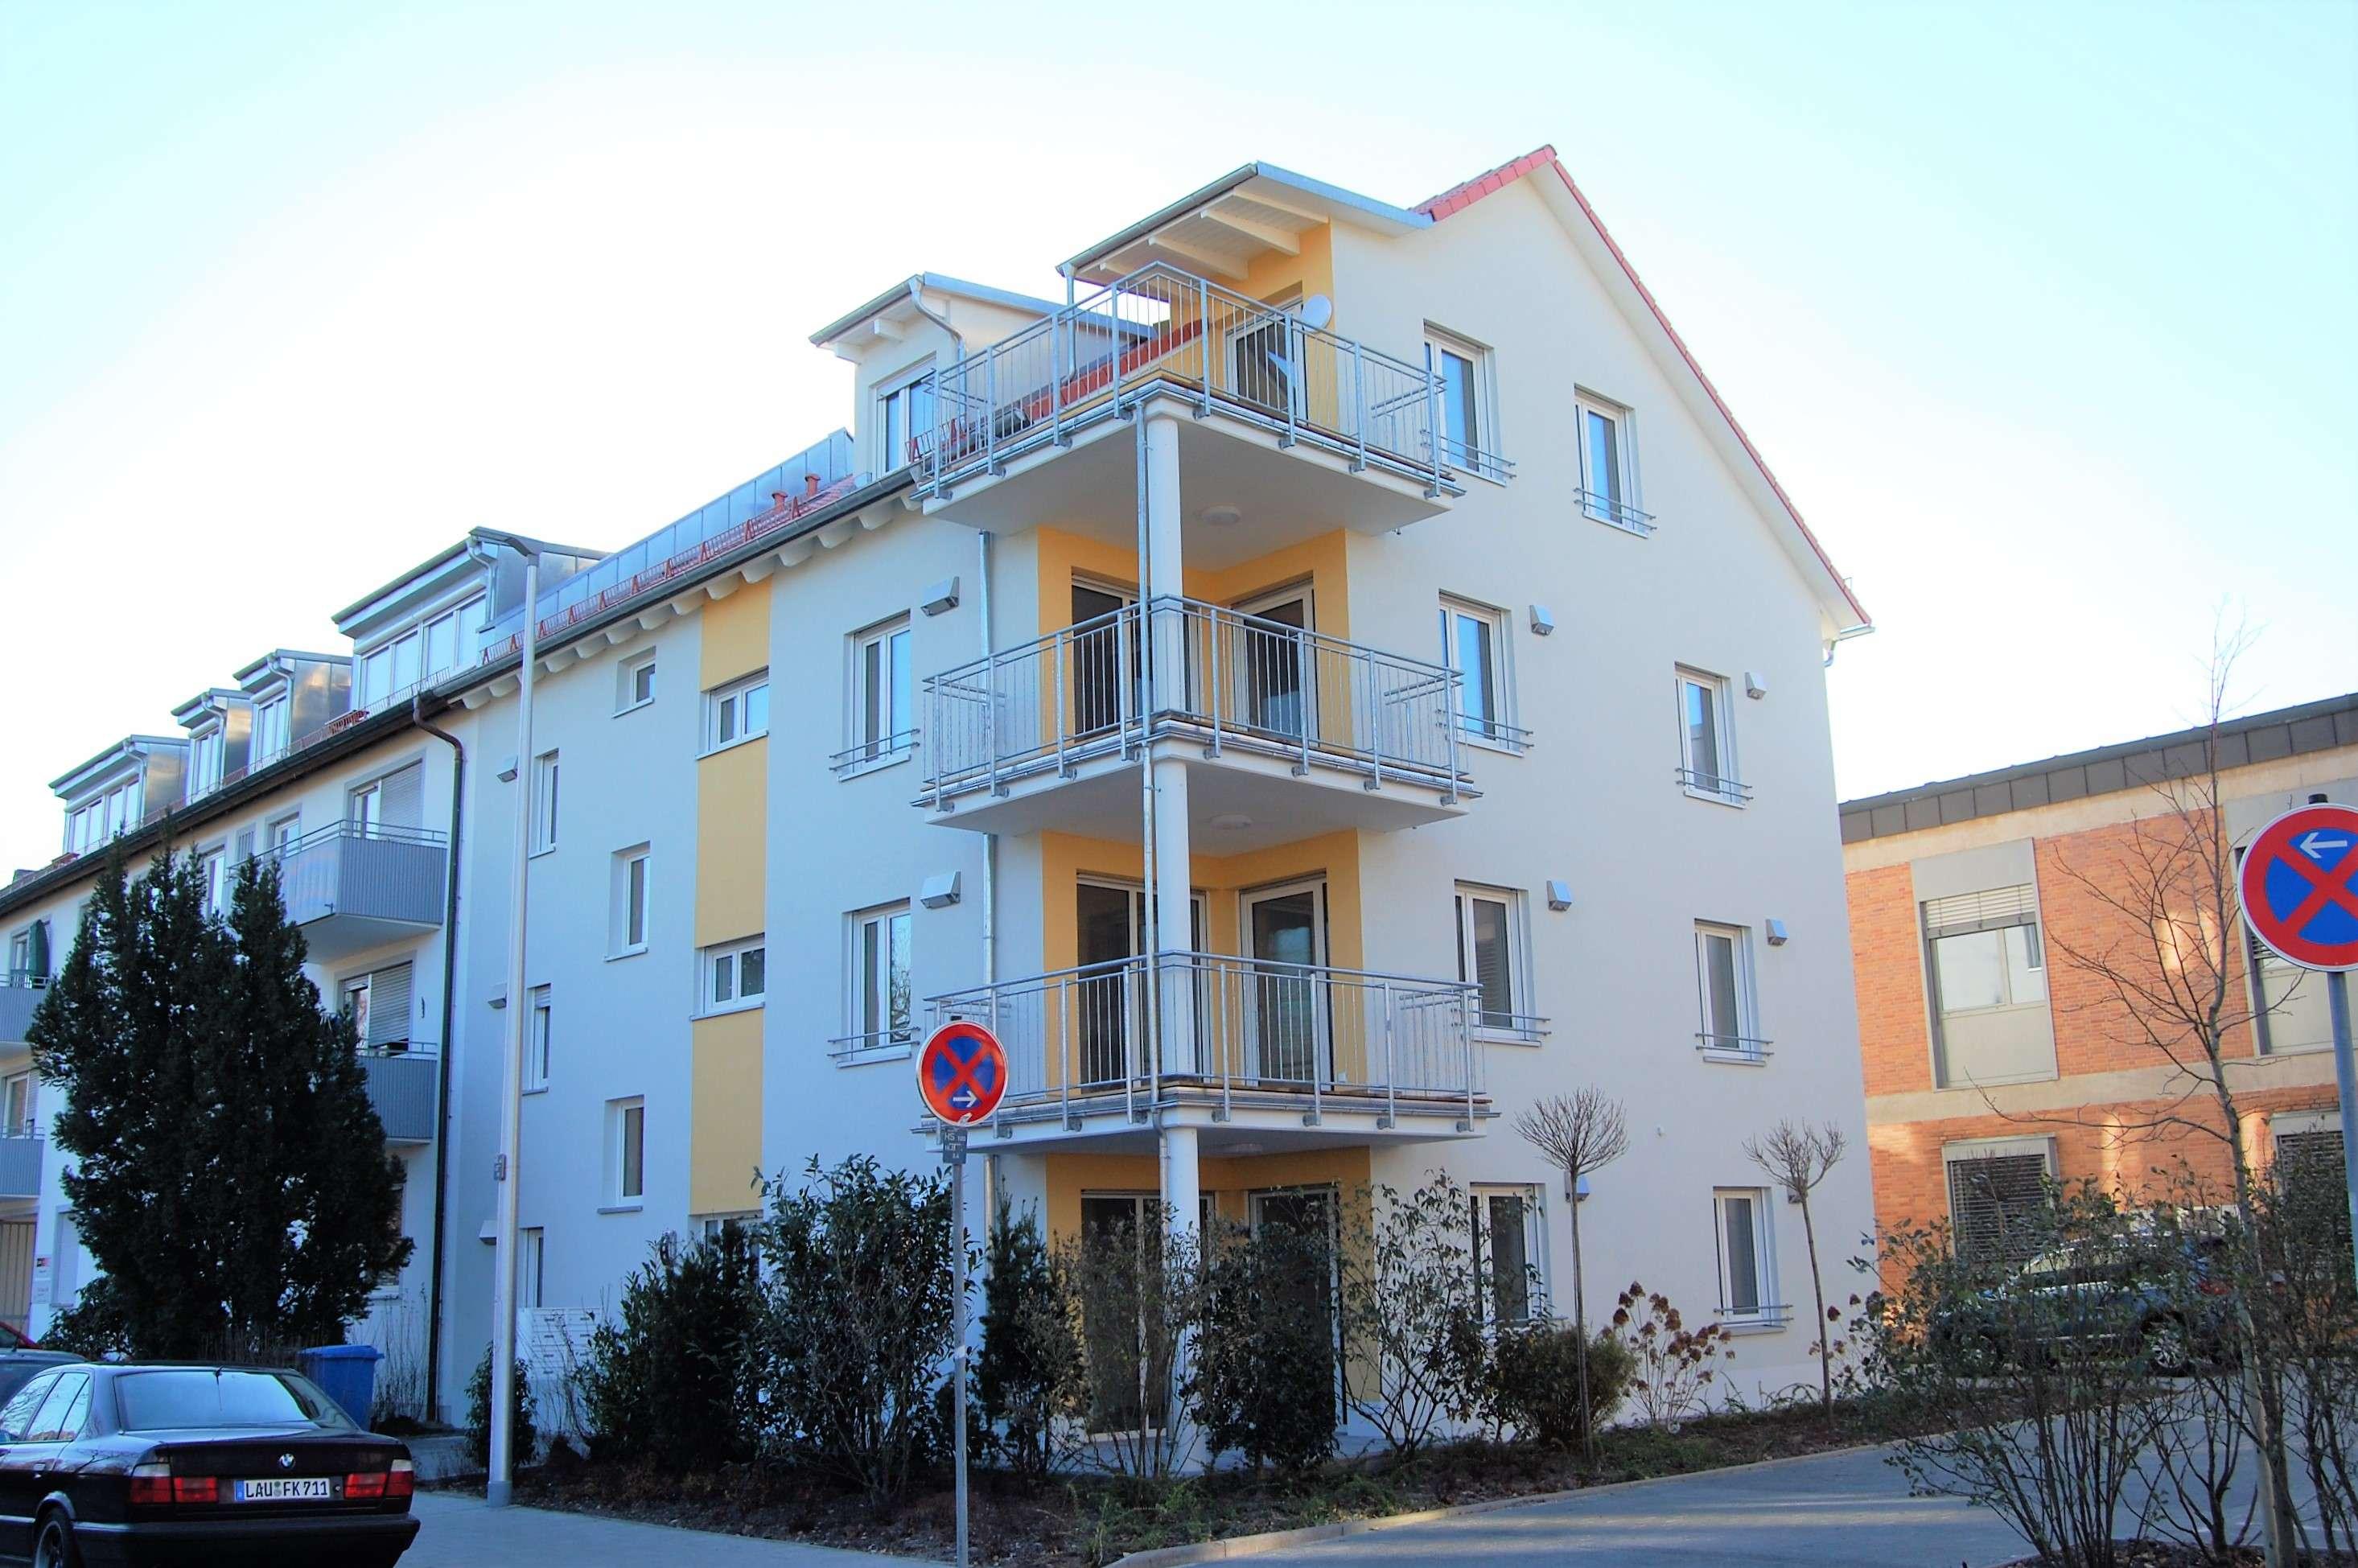 2-Zimmer Wohnung mit super Einbauküche in bester Lage von Erlangen ab  21.12.2019 zu vermieten in Erlangen Süd (Erlangen)